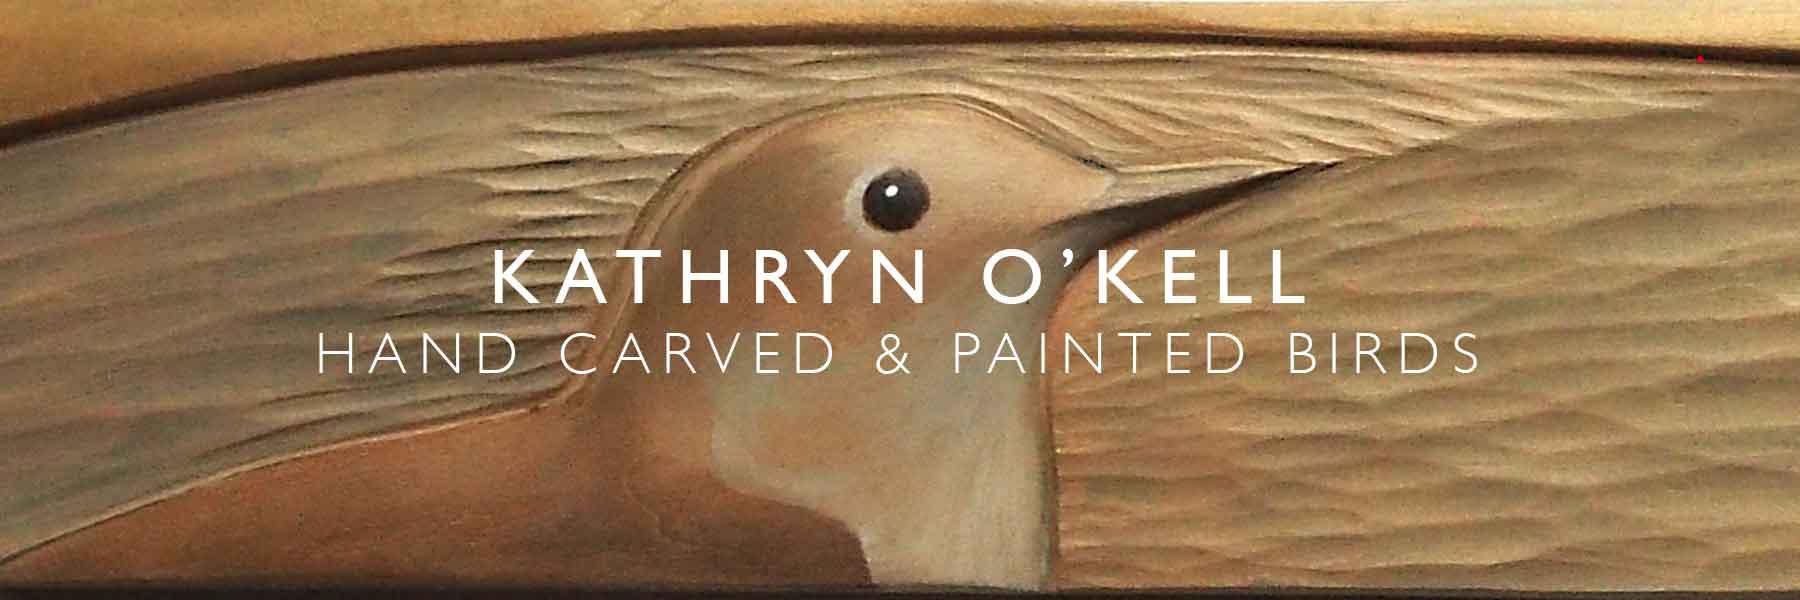 Kath Okell Nov18